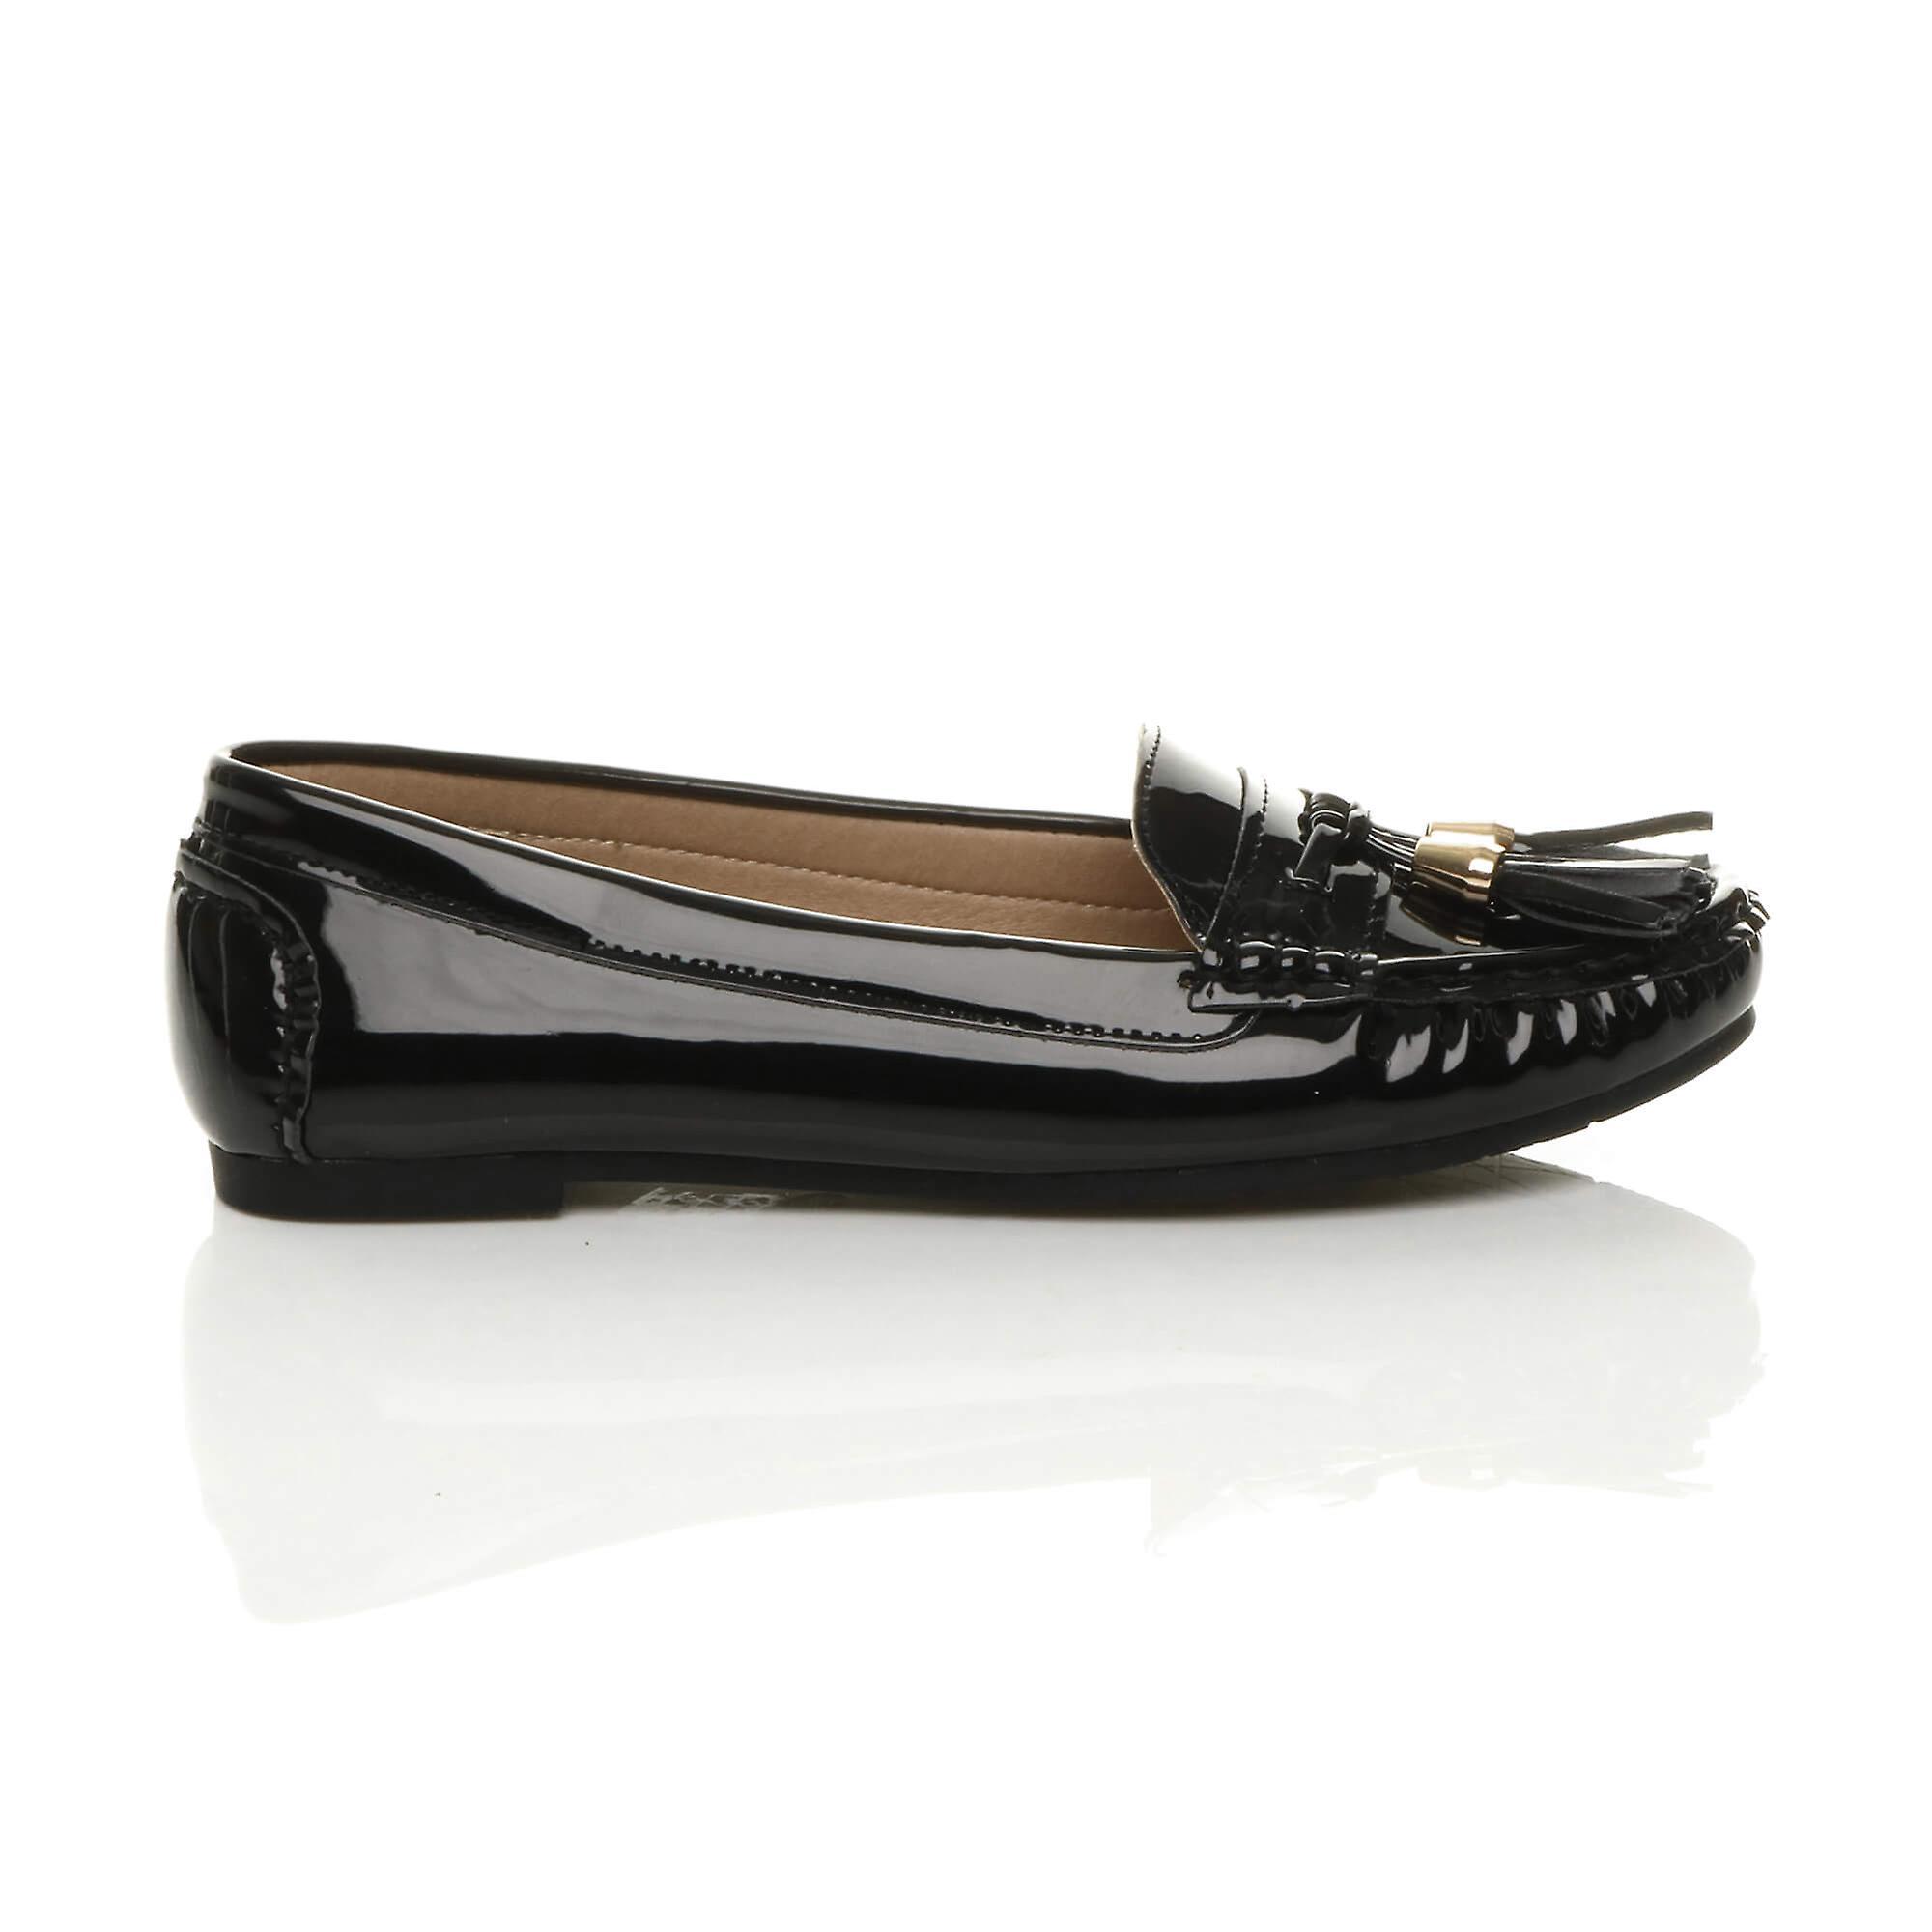 Smart Sko : sko online, sko butikk, kvinners sko, menns sko